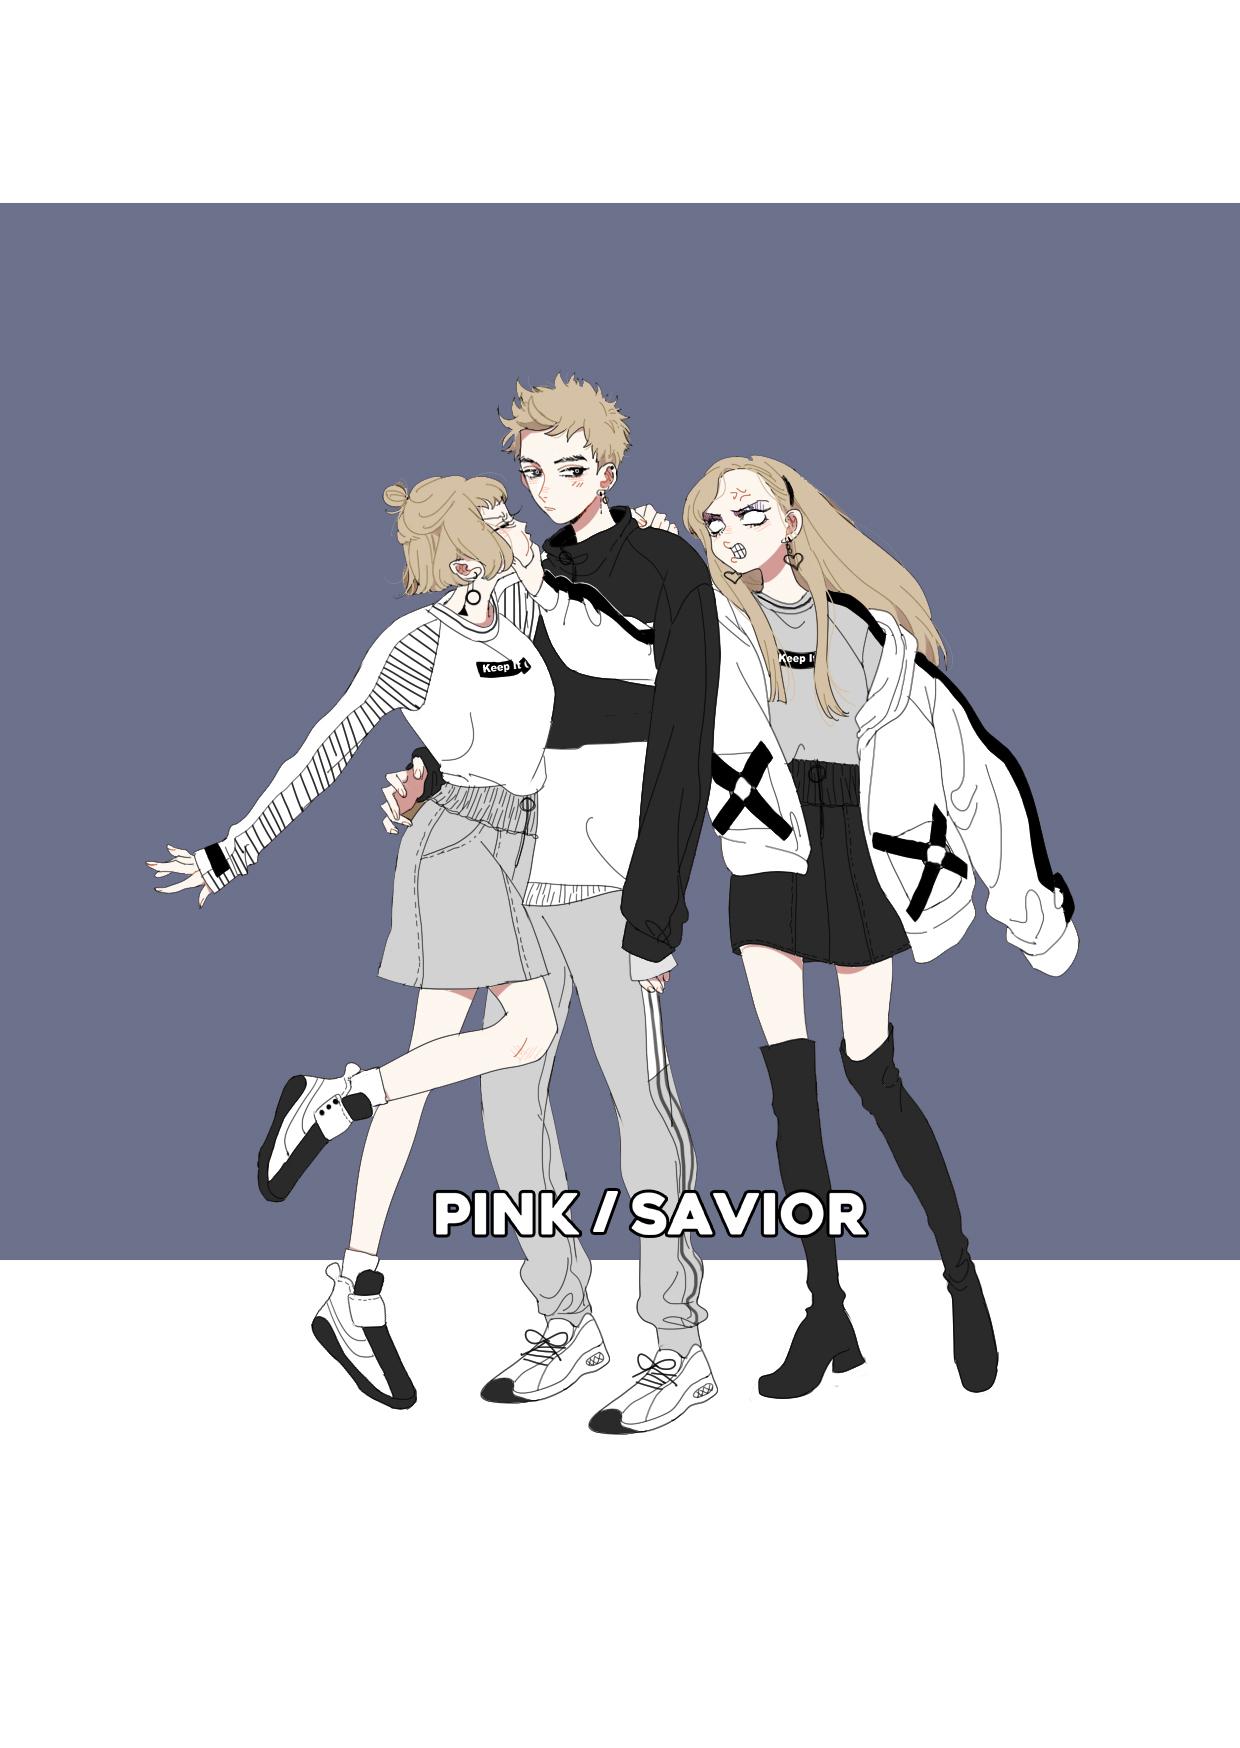 PINKSAVIOR жизнеспособность refresh черный, белый и серый специальный модель дизайн спортивный набор наряд